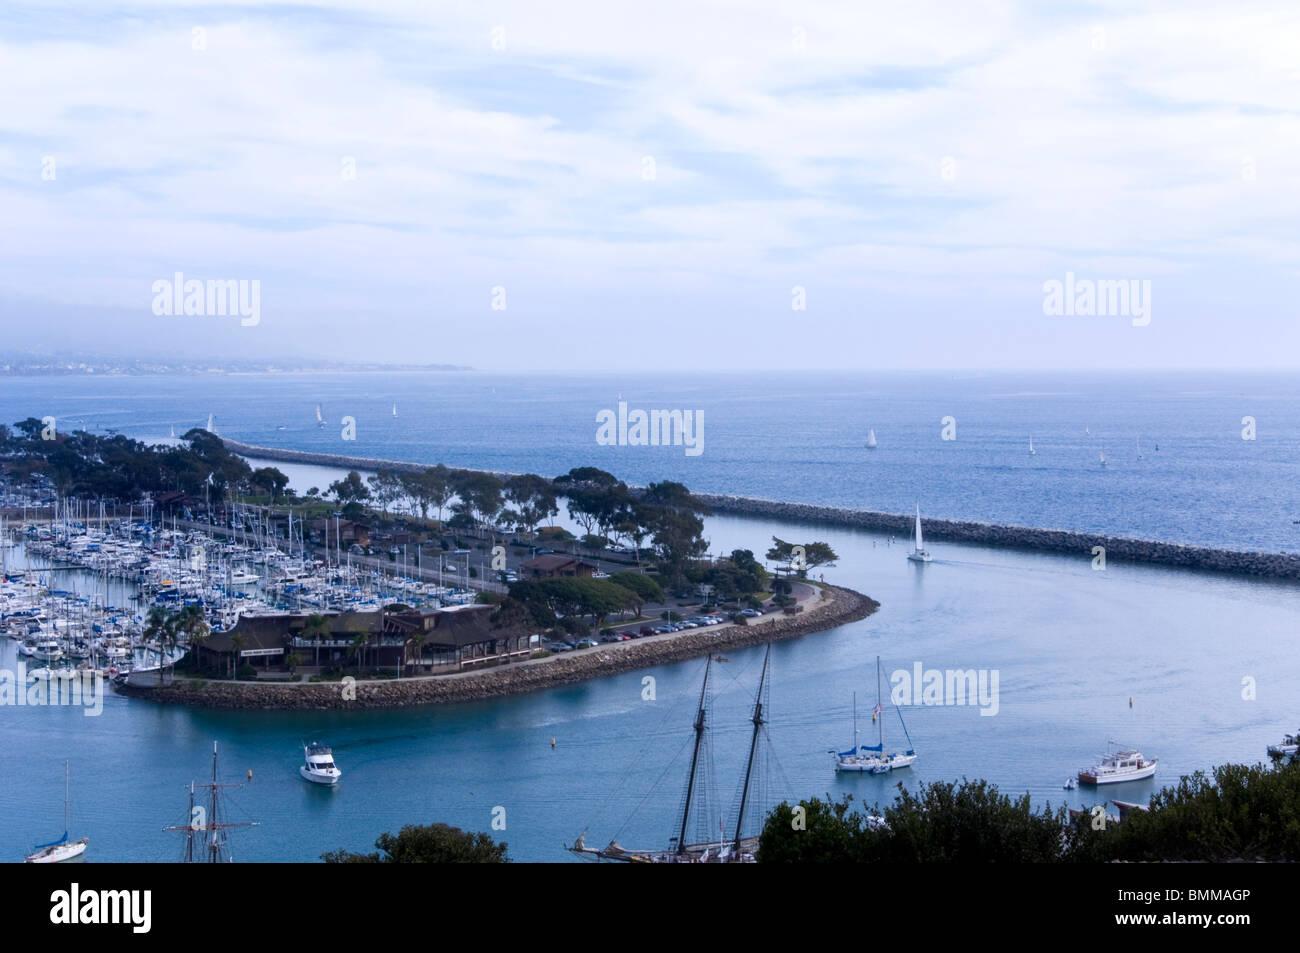 Dana Point Harbor,California USA - Stock Image